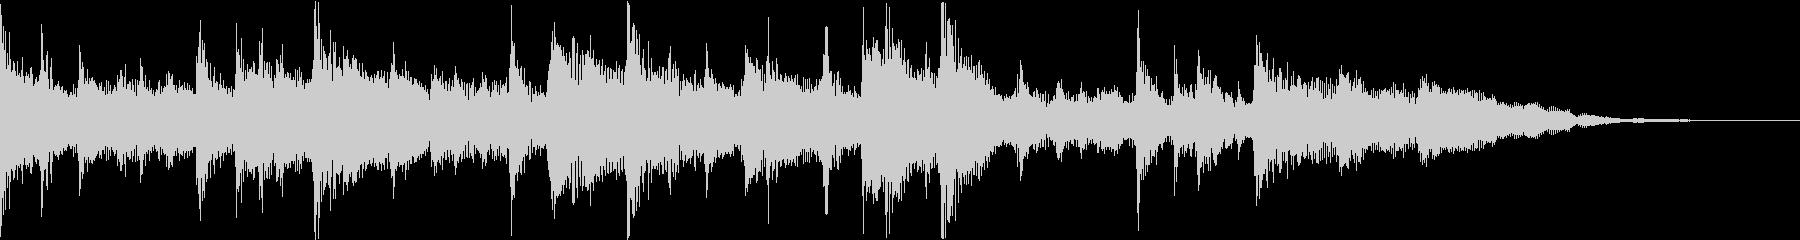 グロッケンシュピール、ピアノ、スト...の未再生の波形